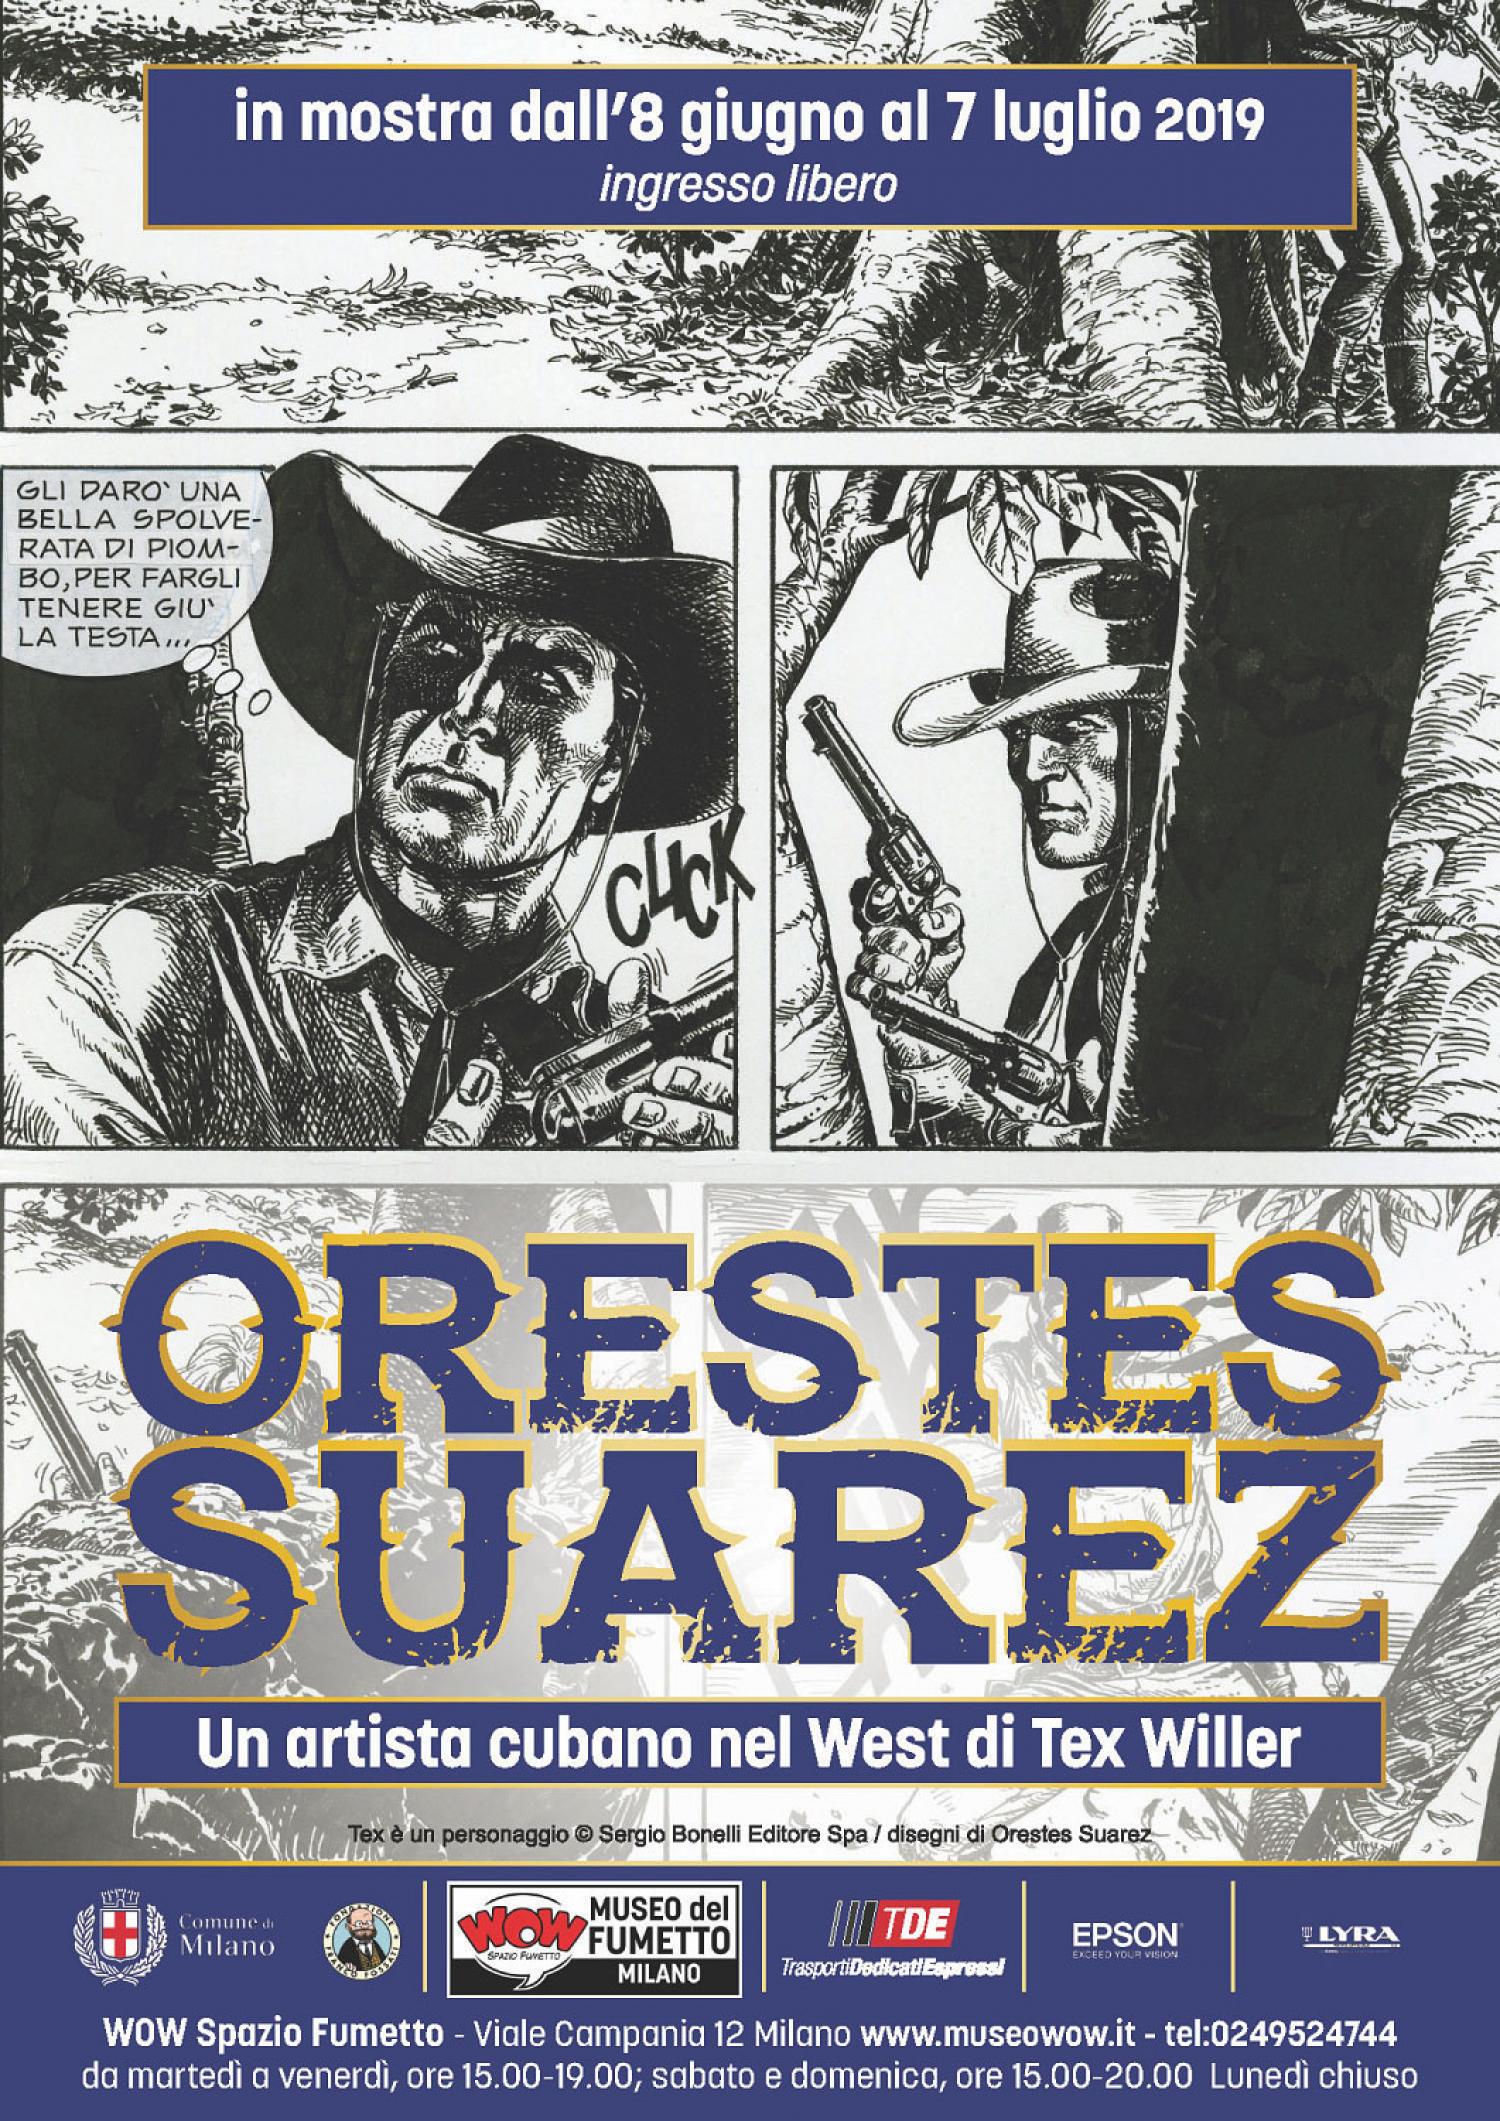 <p><strong>Tex Willer &egrave; senza dubbio uno dei personaggi pi&ugrave; amati del fumetto italiano: a scrivere e disegnare le sue avventure sono stati chiamati negli anni i maggiori autori internazionali.&nbsp;</strong><strong>Tra di&nbsp;loro c&rsquo;&egrave; il disegnatore cubano Orestes Suarez: dall&#39;8 giugno al 7 luglio a WOW Spazio Fumetto saranno in&nbsp;mostra&nbsp;una selezione di&nbsp;tavole originali tratte da&nbsp;&quot;I rapitori&quot;</strong>, storia pubblicata&nbsp;in Almanacco del West 21 (2014) su&nbsp;sceneggiatura di Tito Faraci. Un&#39;occasione unica per scoprire l&#39;universo di Tex Willer sapientemente rivisitato dal tratto di un grande disegnatore. <strong>Durante la durata della mostra&nbsp;sar&agrave; inoltre possibile acquistare&nbsp;le tavole originali</strong>, il cui ricavato andr&agrave; interamente all&#39;autore. <strong>Orestes Suarez Lemus</strong> nasce a Pinar del R&iacute;o (Cuba) il 14 marzo 1950. Nel 1979 realizza il primo fumetto: &quot;Viaje de exploraci&oacute;n a un extra&ntilde;o dibujo&quot;.&nbsp;Nel 1983, collabora con la rivista <em>Zunz&uacute;n</em> (Editora Abril) e altre testate della stessa Casa editrice, come il settimanale <em>Pionero</em> e <em>El Gu&iacute;a</em>. Negli anni Suarez presta la sua matita a storie realistiche come grottesche, venendo&nbsp;premiato pi&ugrave; volte in rassegne internazionali e&nbsp;partecipando alla prima edizione della Bienal de Historietas di R&iacute;o de Janeiro&nbsp;(1991).&nbsp;Le sue qualit&agrave; professionali non sfuggono all&#39;editore italiano Sergio Bonelli, che lo conosce nel febbraio 1994 al 3&deg; Encuentro iberoamericano de historietistas e lo ingaggia nella sua scuderia, impegnandolo nella serie di <strong>Mister No</strong>. Nel 2010 si dedica anche a <strong>Tex Willer</strong>, con la storia &quot;I ribelli di Cuba&quot; (ventiquattresimo <em>Tex Speciale</em>). Oltre che per la Sergio Bonelli Editore, Suarez pubblica in Italia con la casa editrice Eur